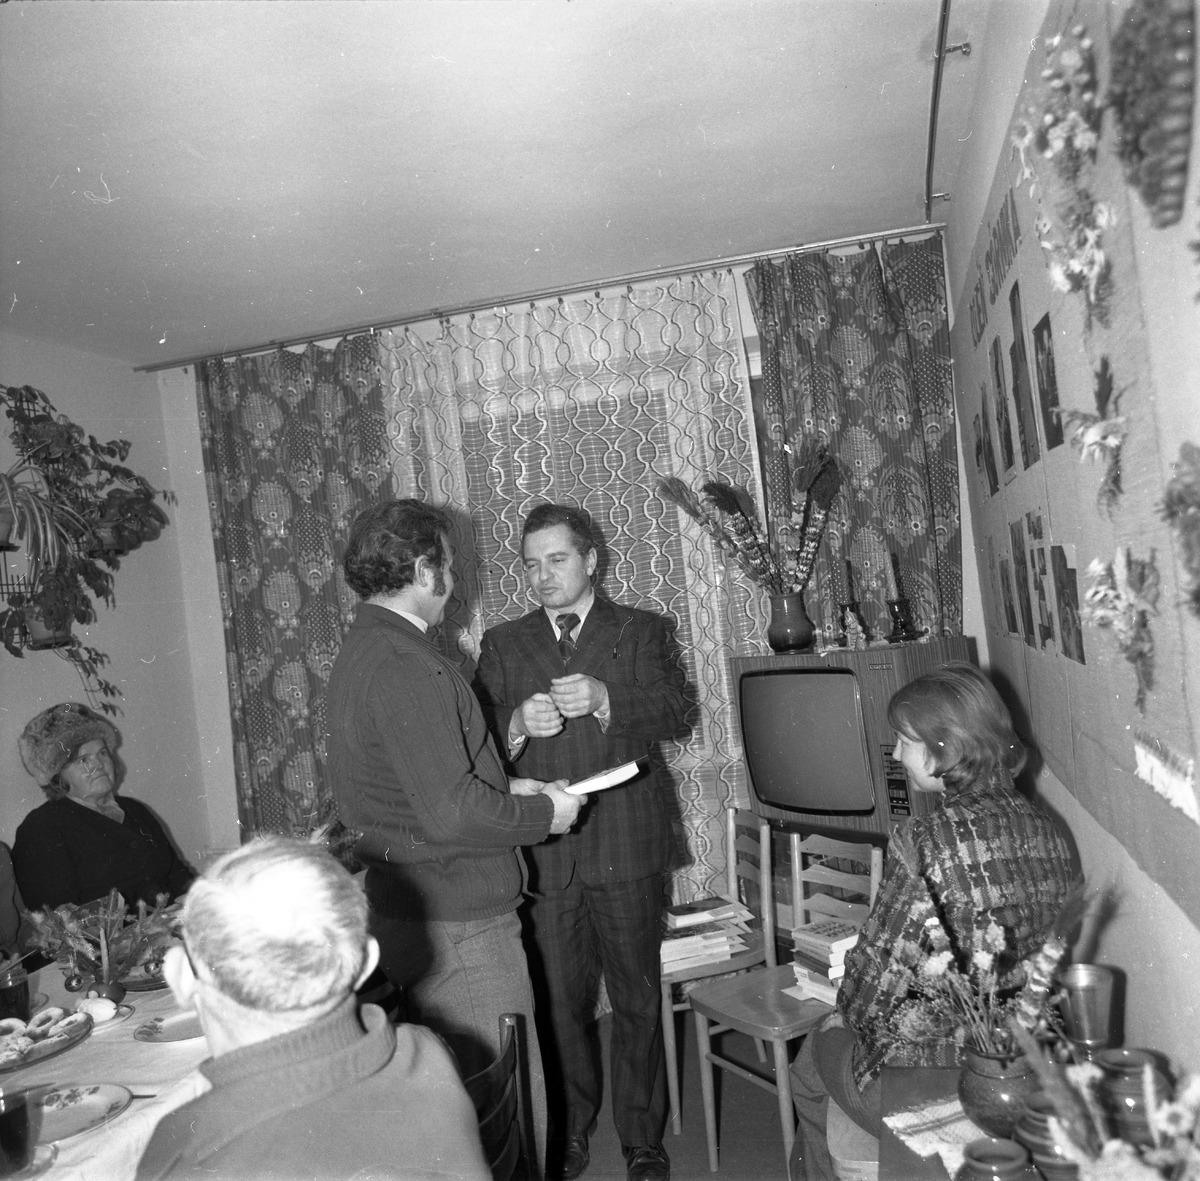 Spotkanie w klubie osiedlowym [4]